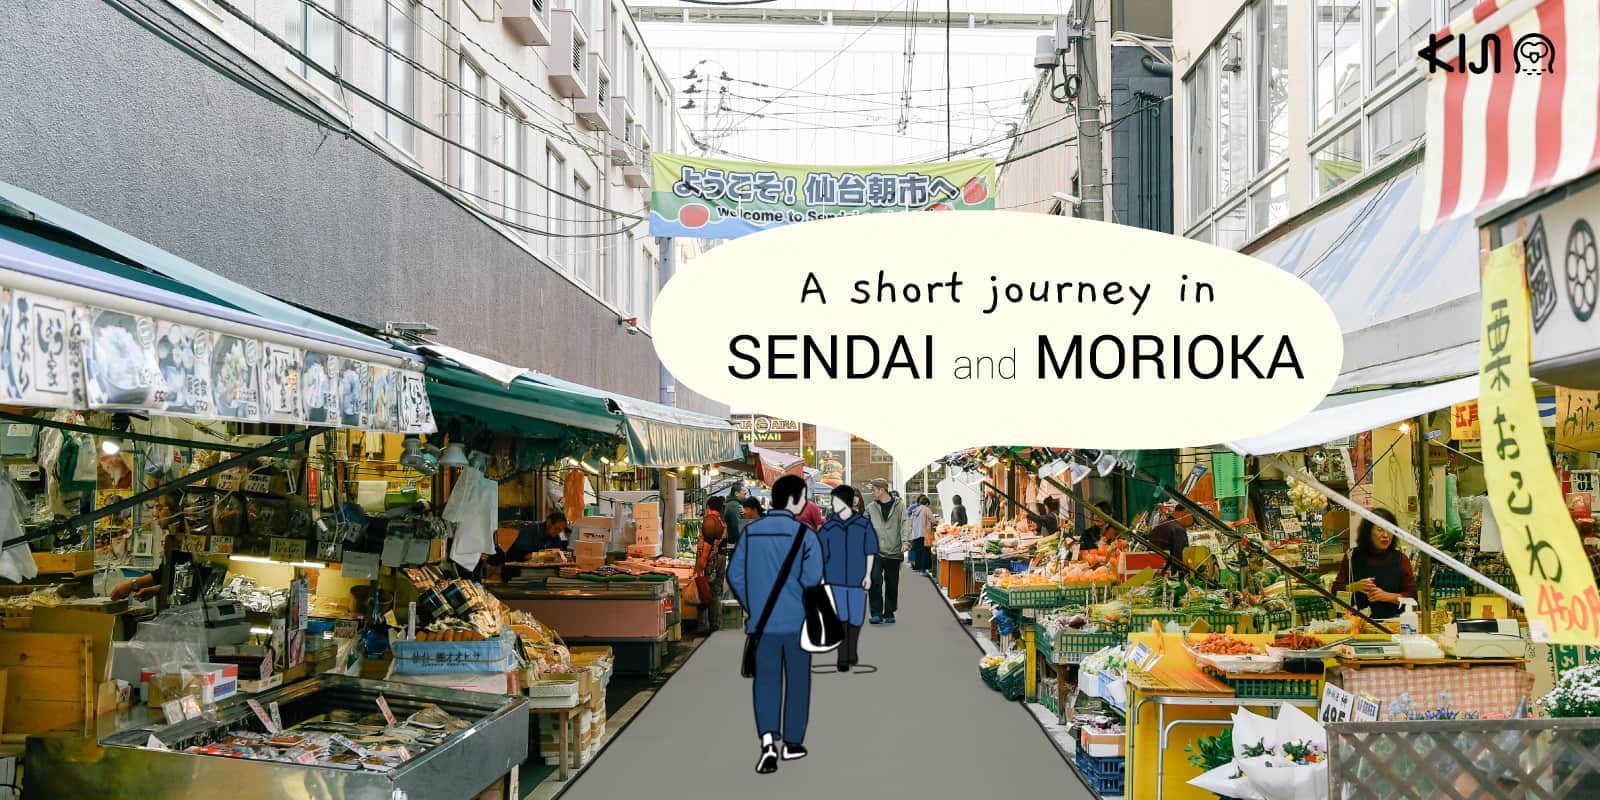 แพลนเที่ยวเซนได (Sendai) โมริโอกะ (Morioka)